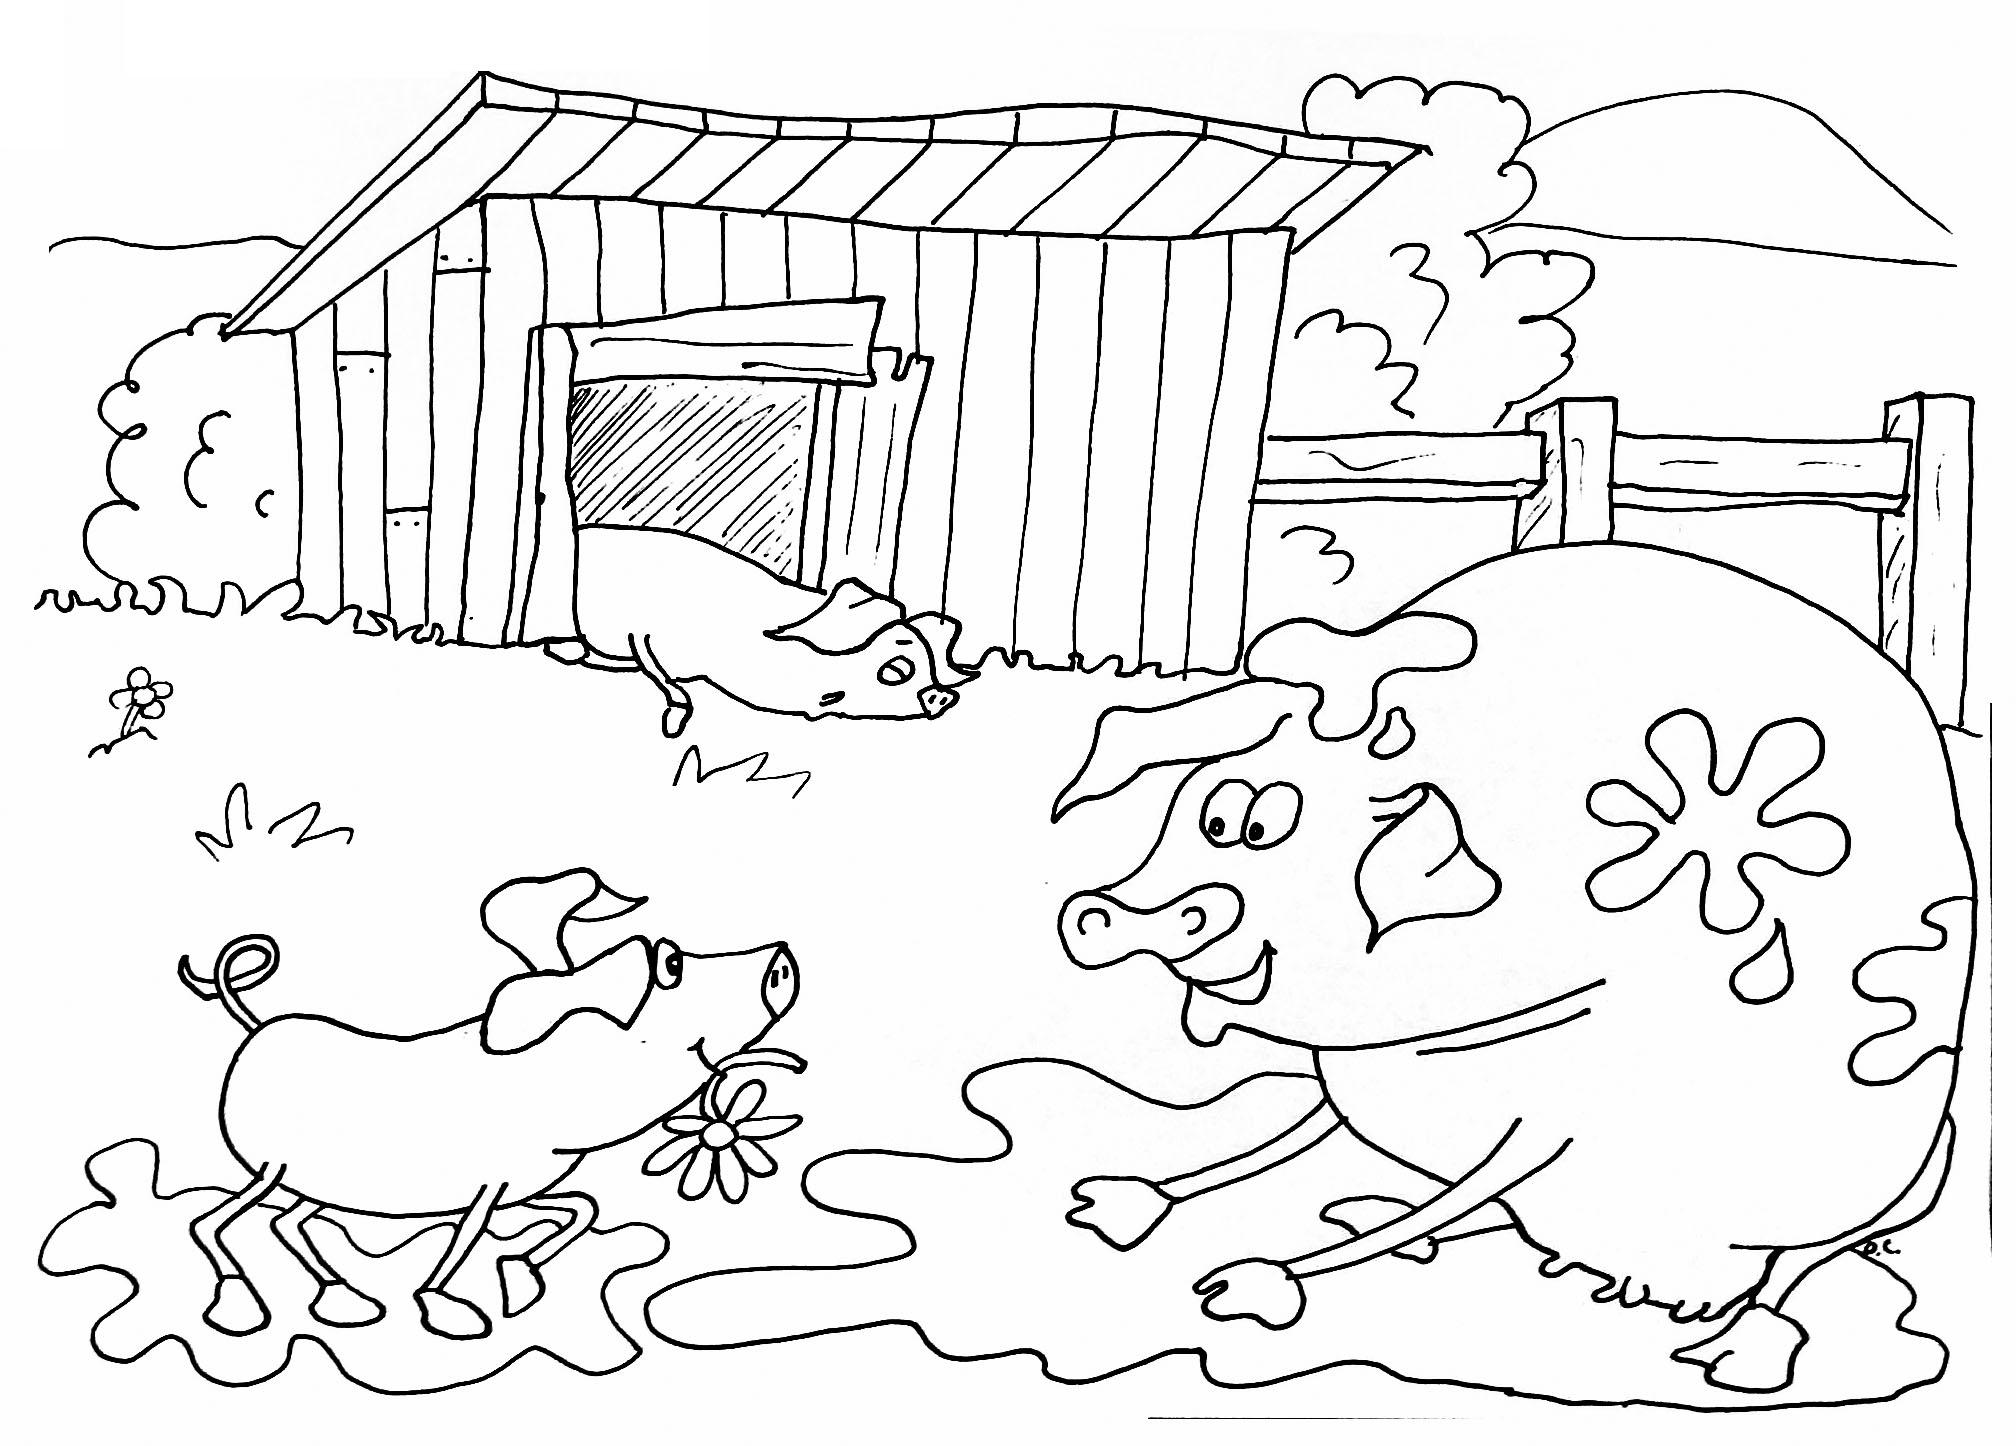 Ferme cochons | Coloriage sur la Ferme (tracteurs, fermier, animaux ...